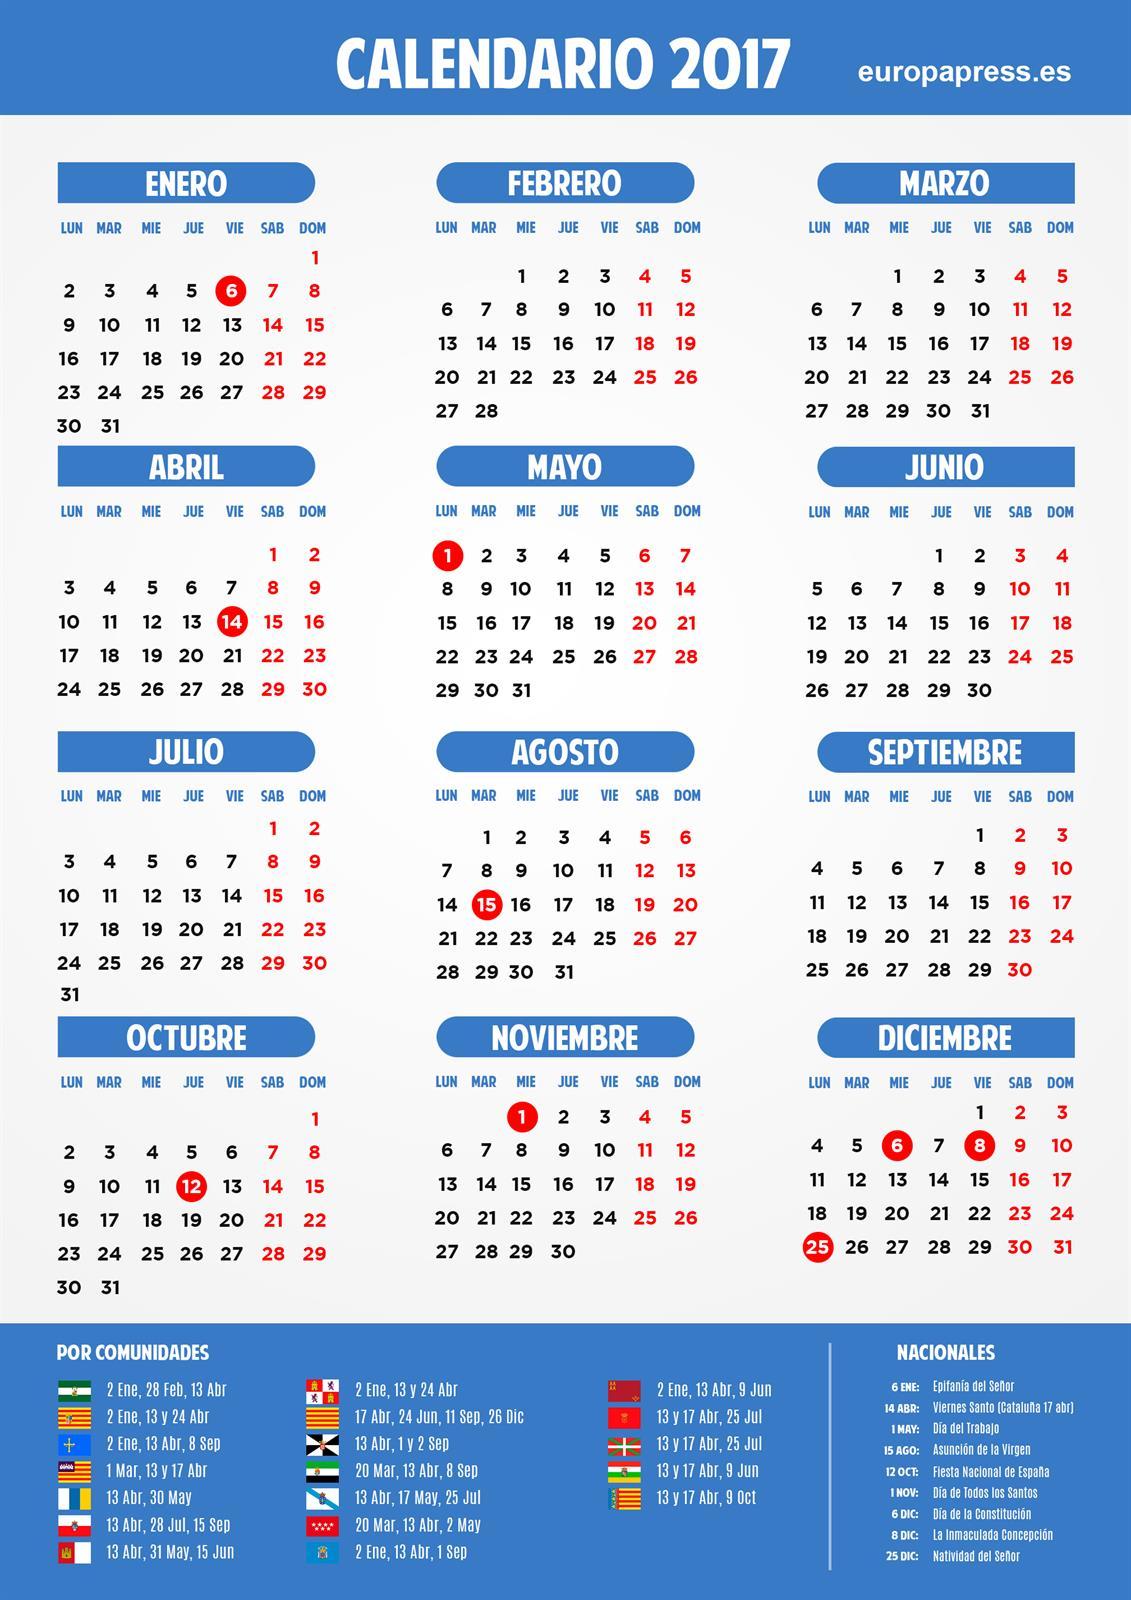 Calendario Laboral De Cataluna.Calendario Laboral 2017 Puentes Y Dias Festivos